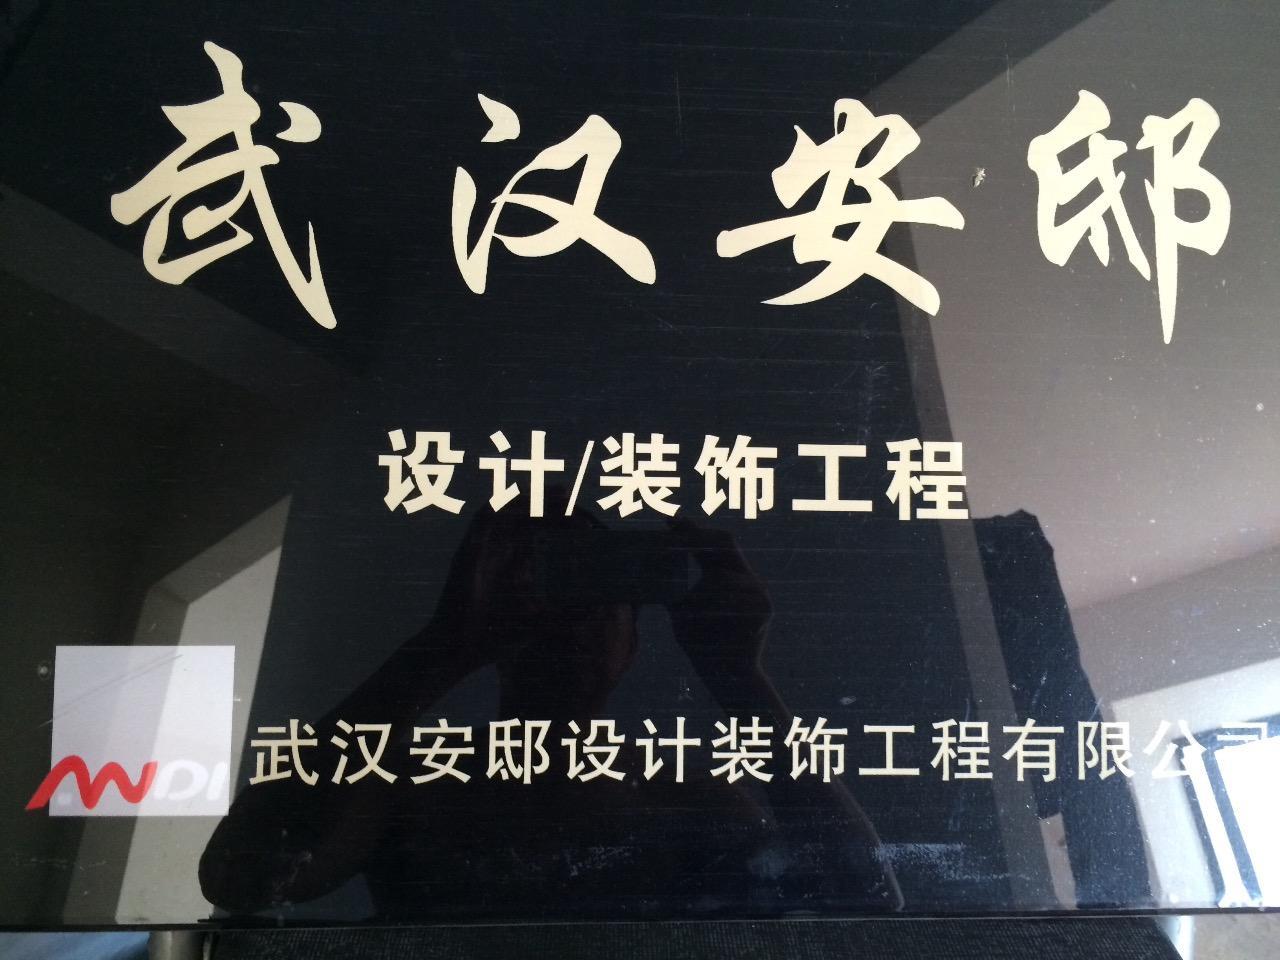 武汉安邸设计装饰工程有限公司 最新采购和商业信息